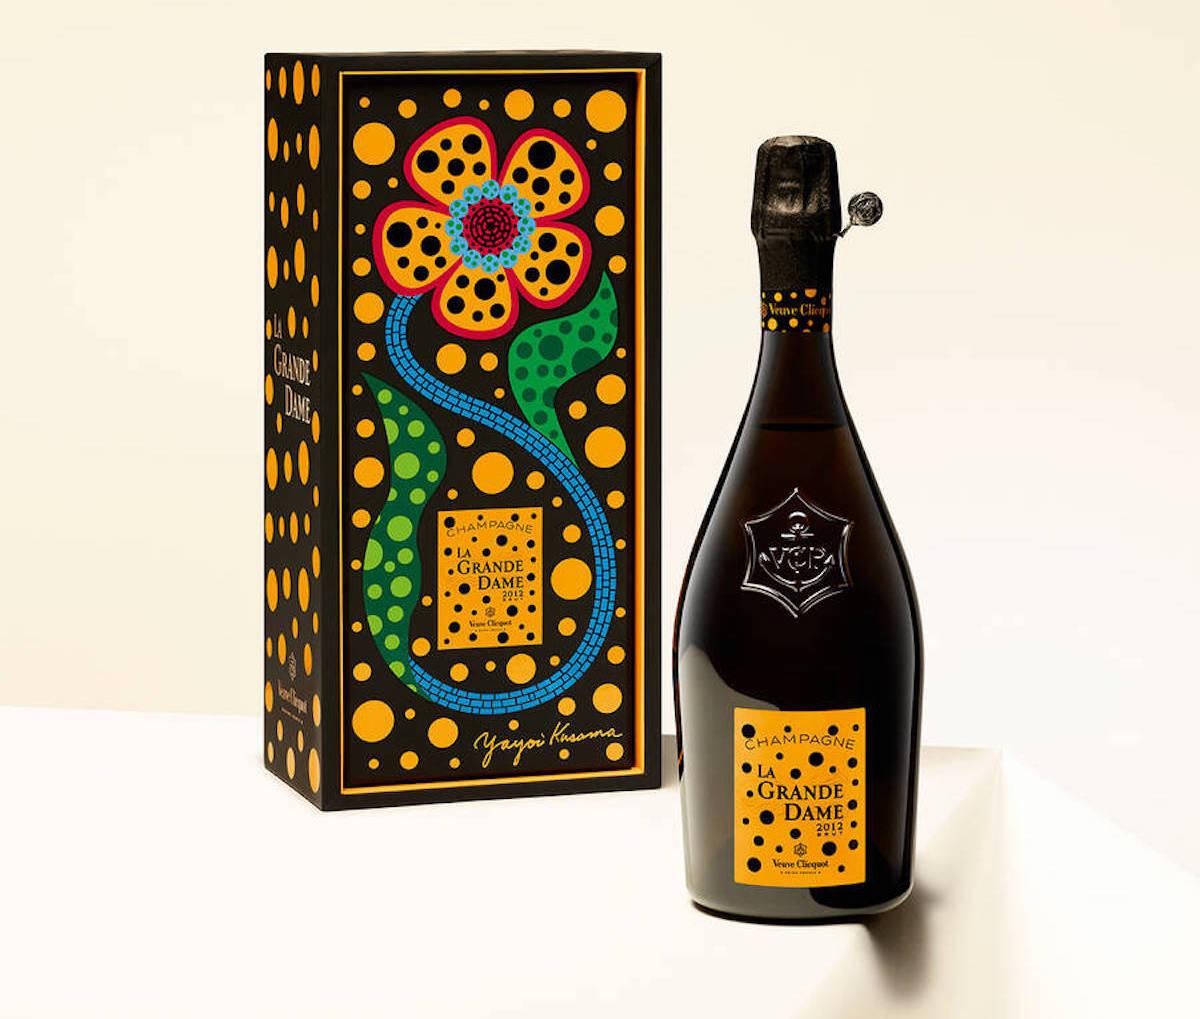 Yayoi Kusama Veuve Clicquot Francophile Gift Ideas